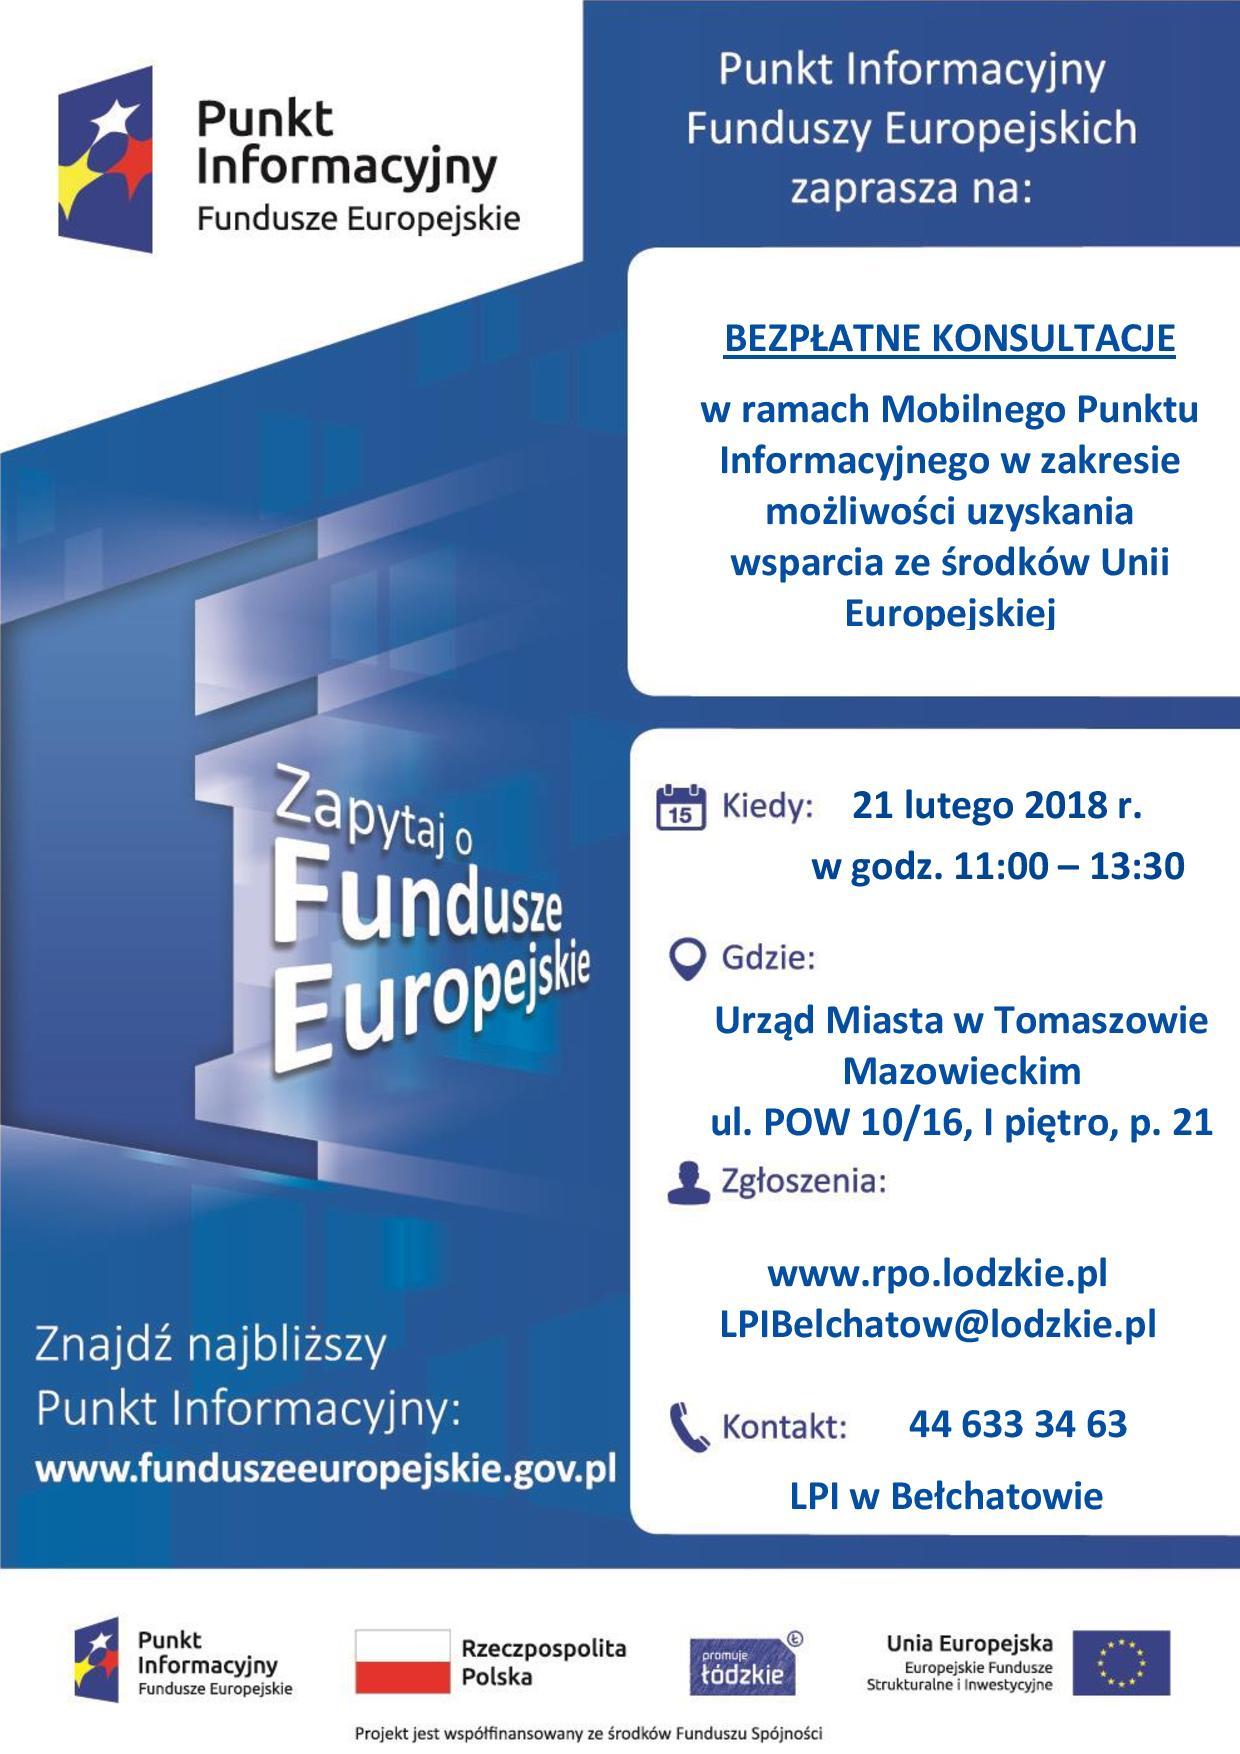 plakat z informacjami o spotkaniu